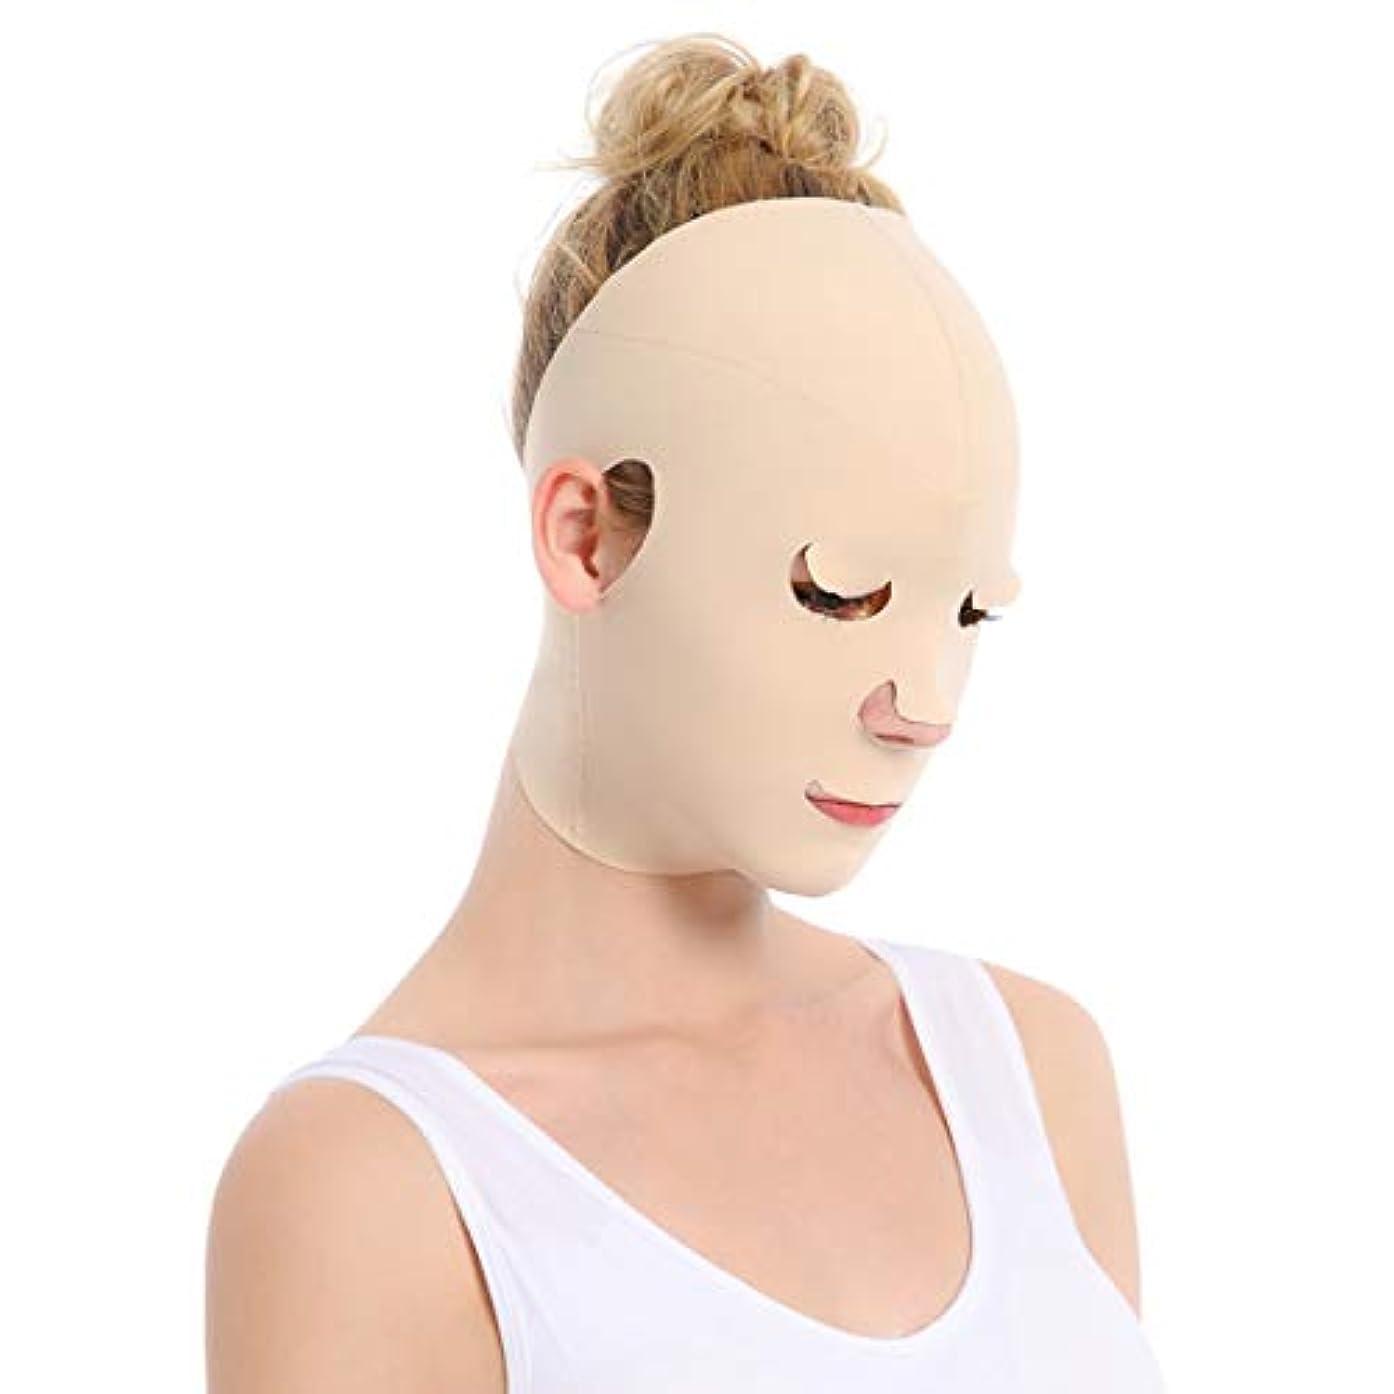 妊娠したプロペラ連帯ZWBD フェイスマスク, 薄い顔包帯理学療法フェースリフトアーチファクト肌睡眠マスクVフェース包帯リフティング引き締めホワイトニング傷修理能力